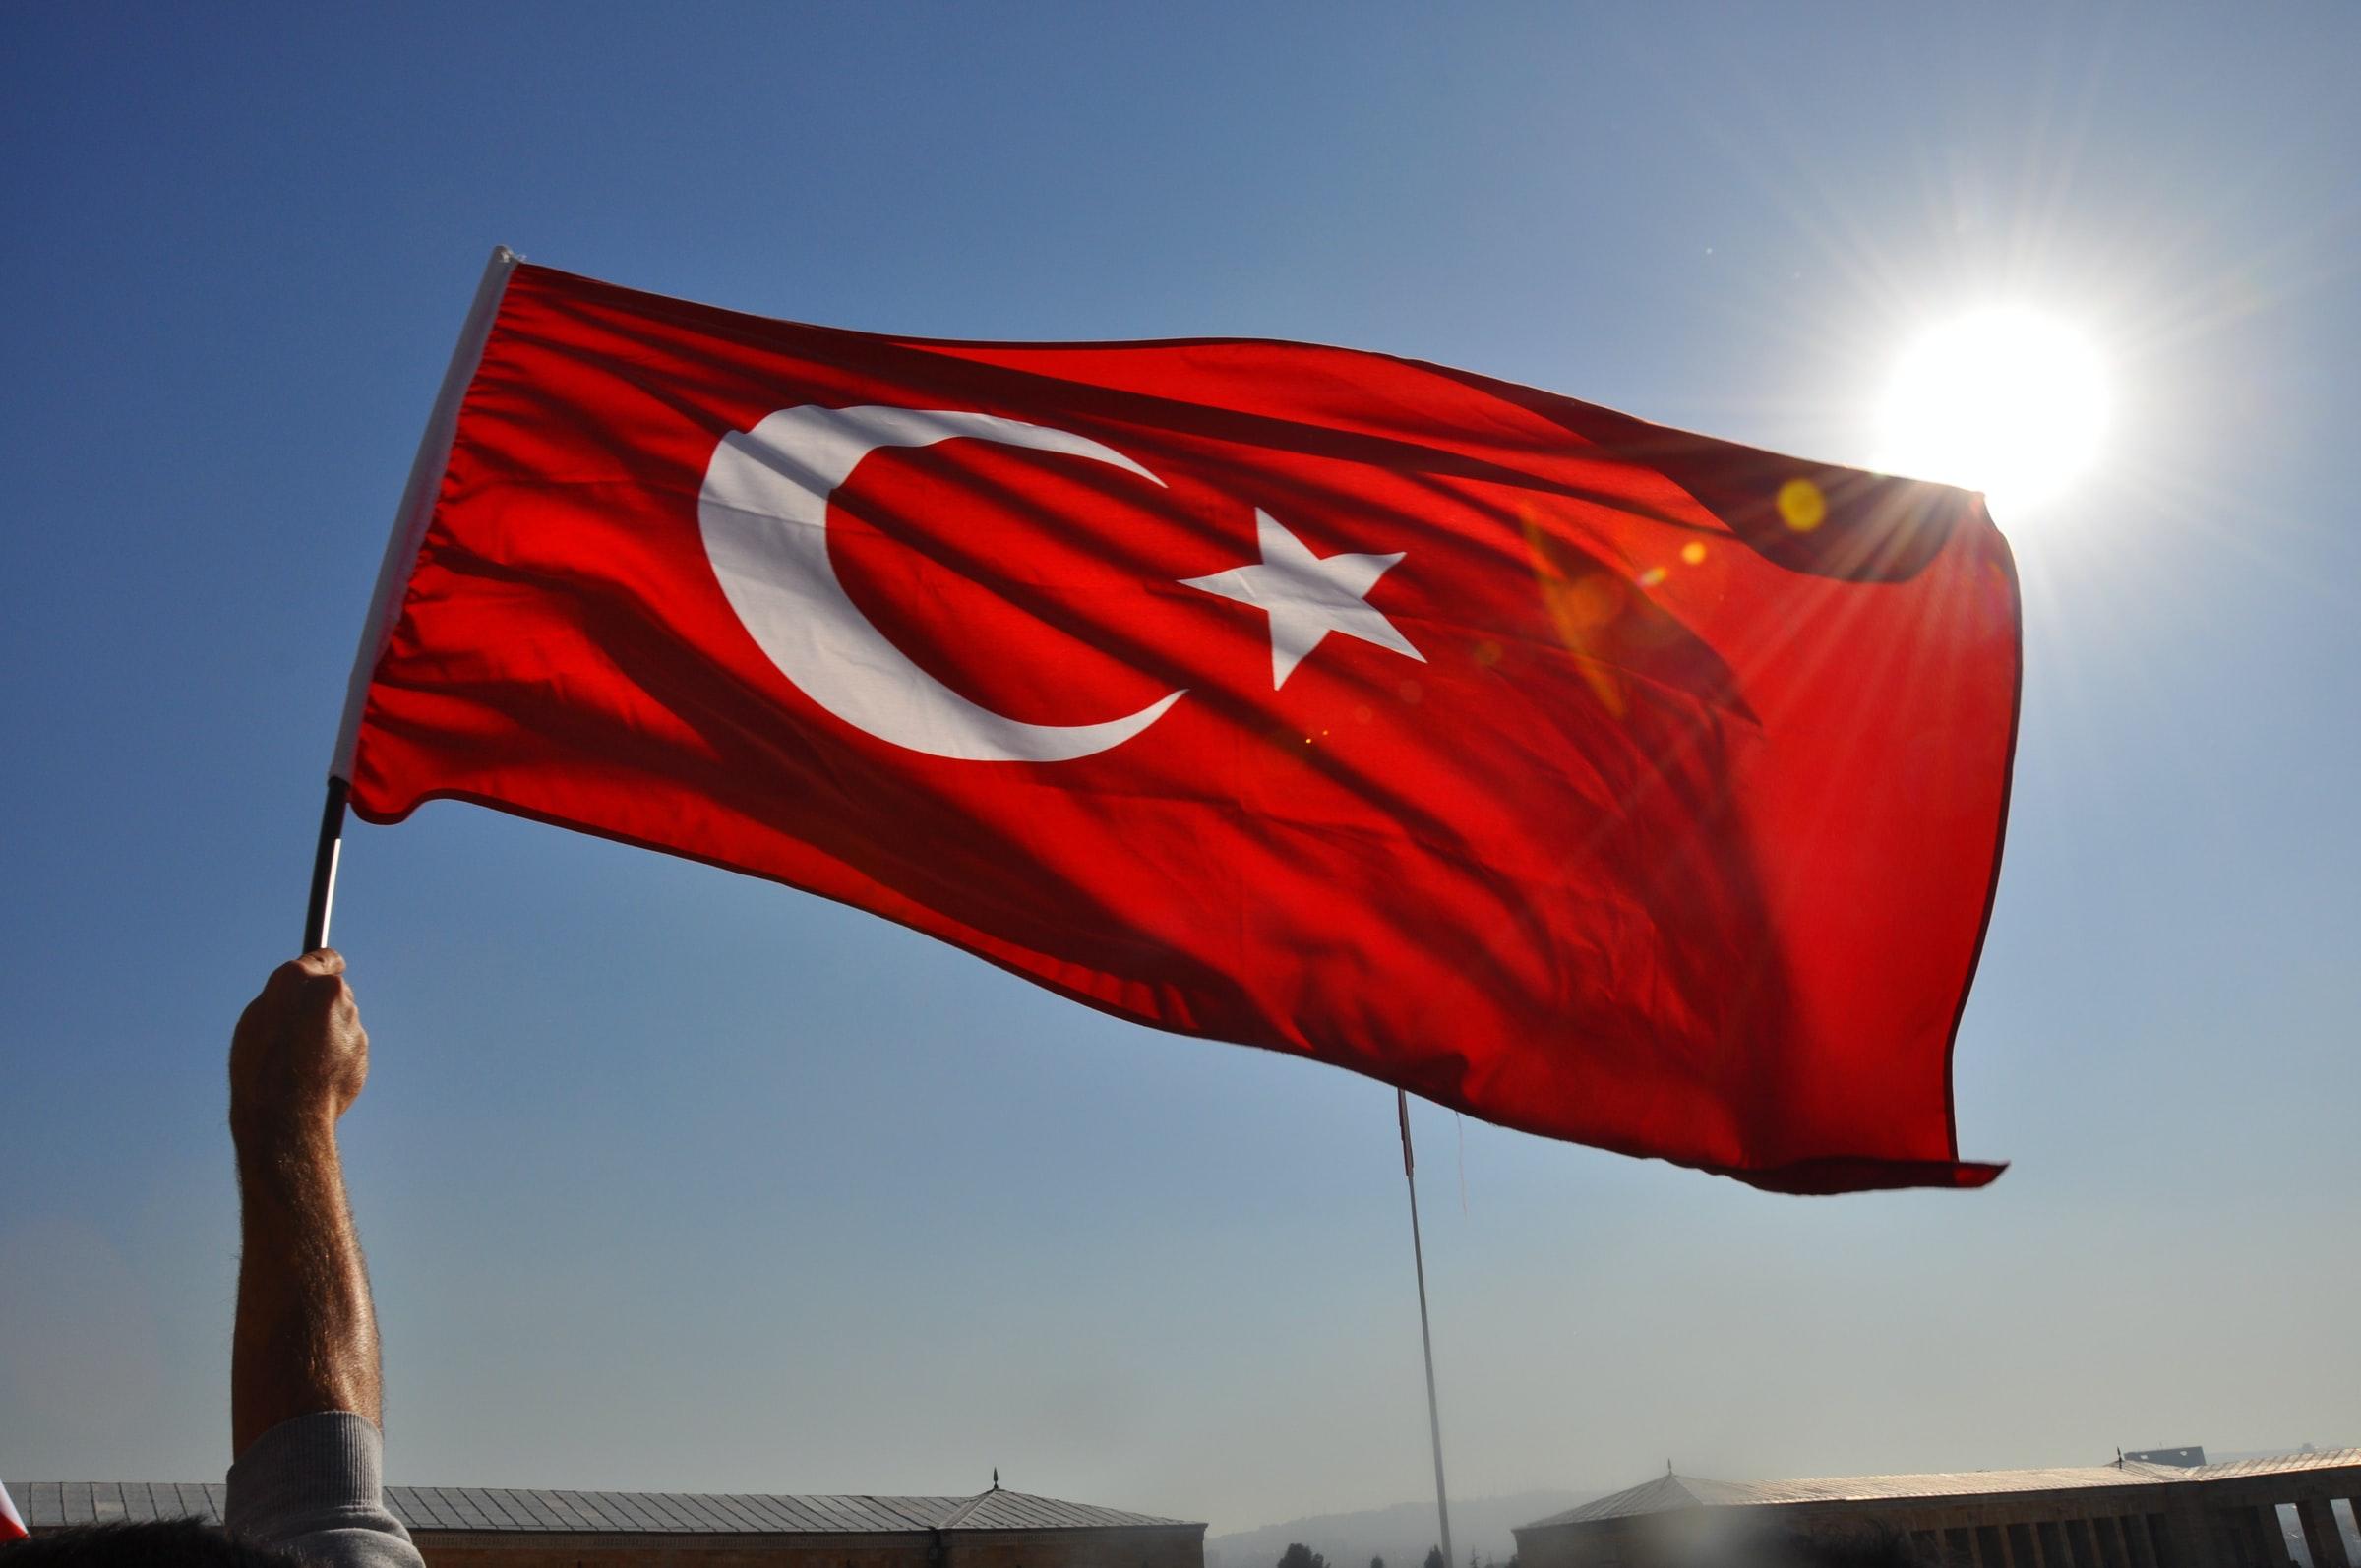 Fahne der Türkei